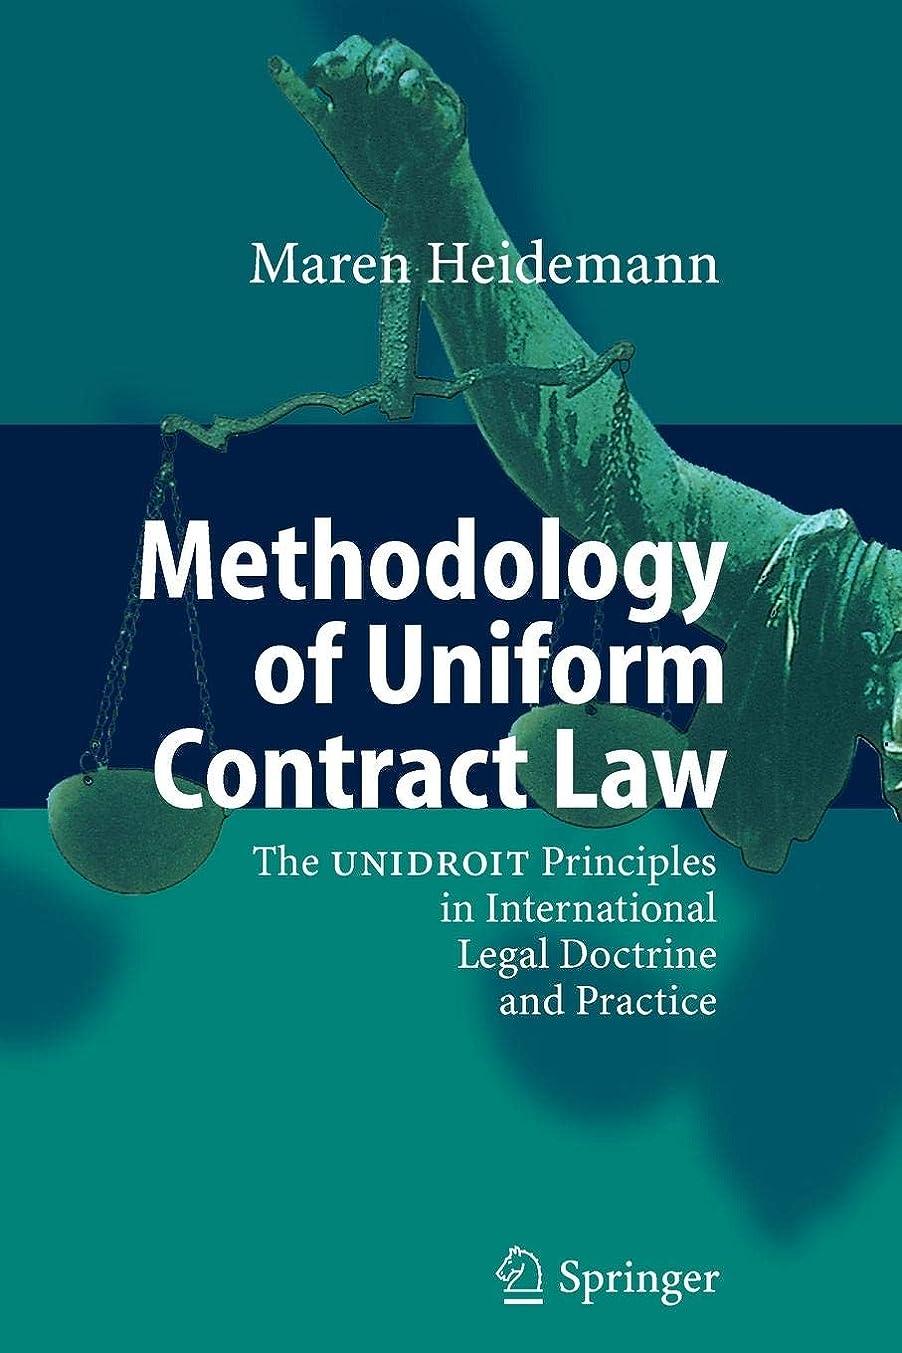 ミュージカル生物学からMethodology of Uniform Contract Law: The UNIDROIT Principles in International Legal Doctrine and Practice